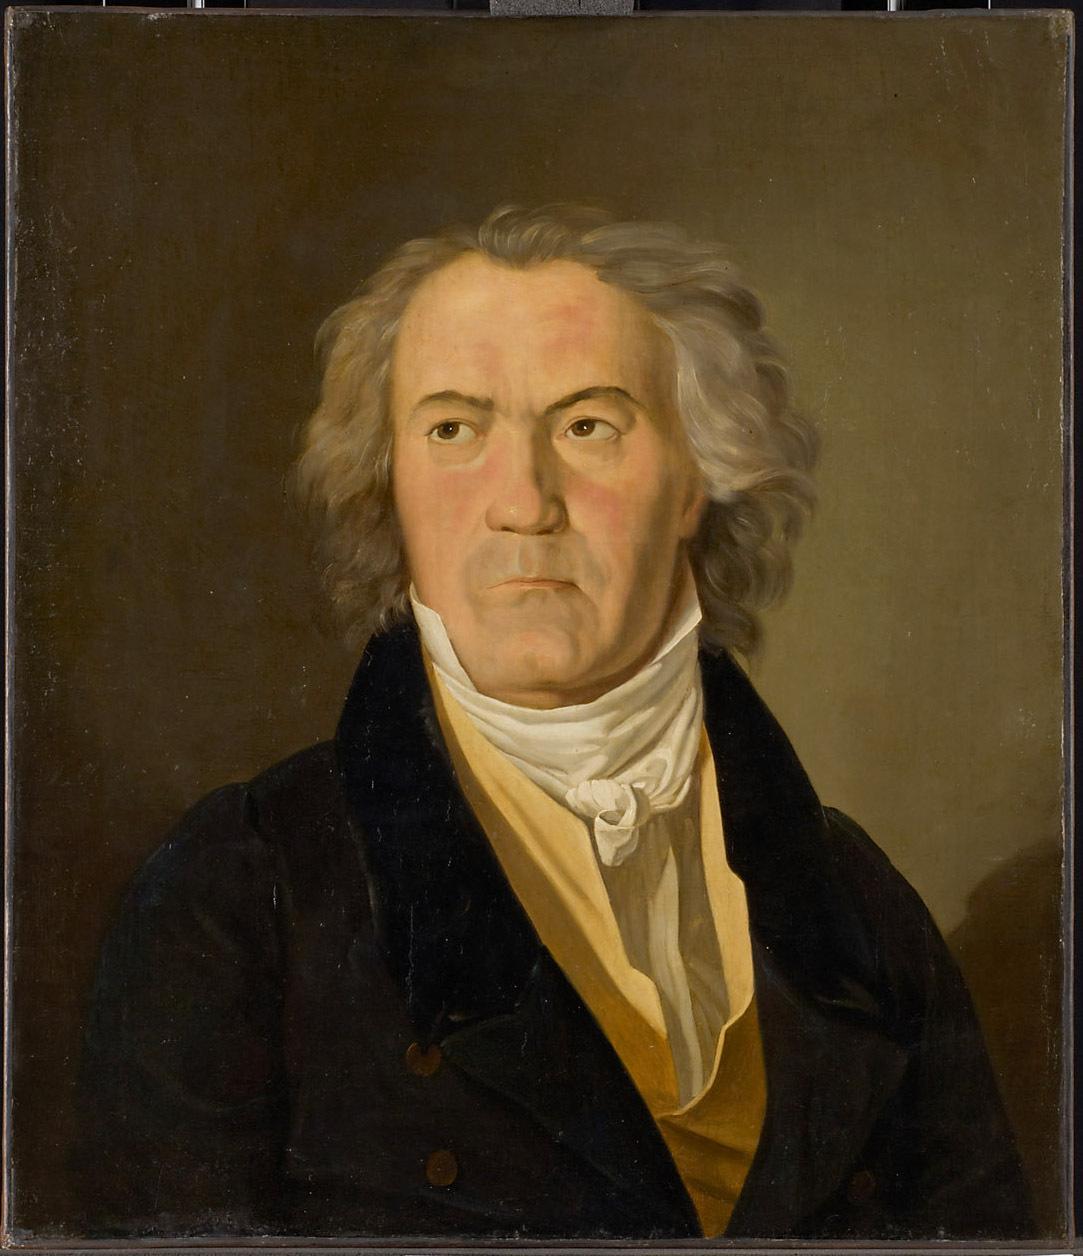 Portrait of Beethoven by Ferdinand Georg Waldmüller, 1823, Kunsthistorisches Museum, Vienna